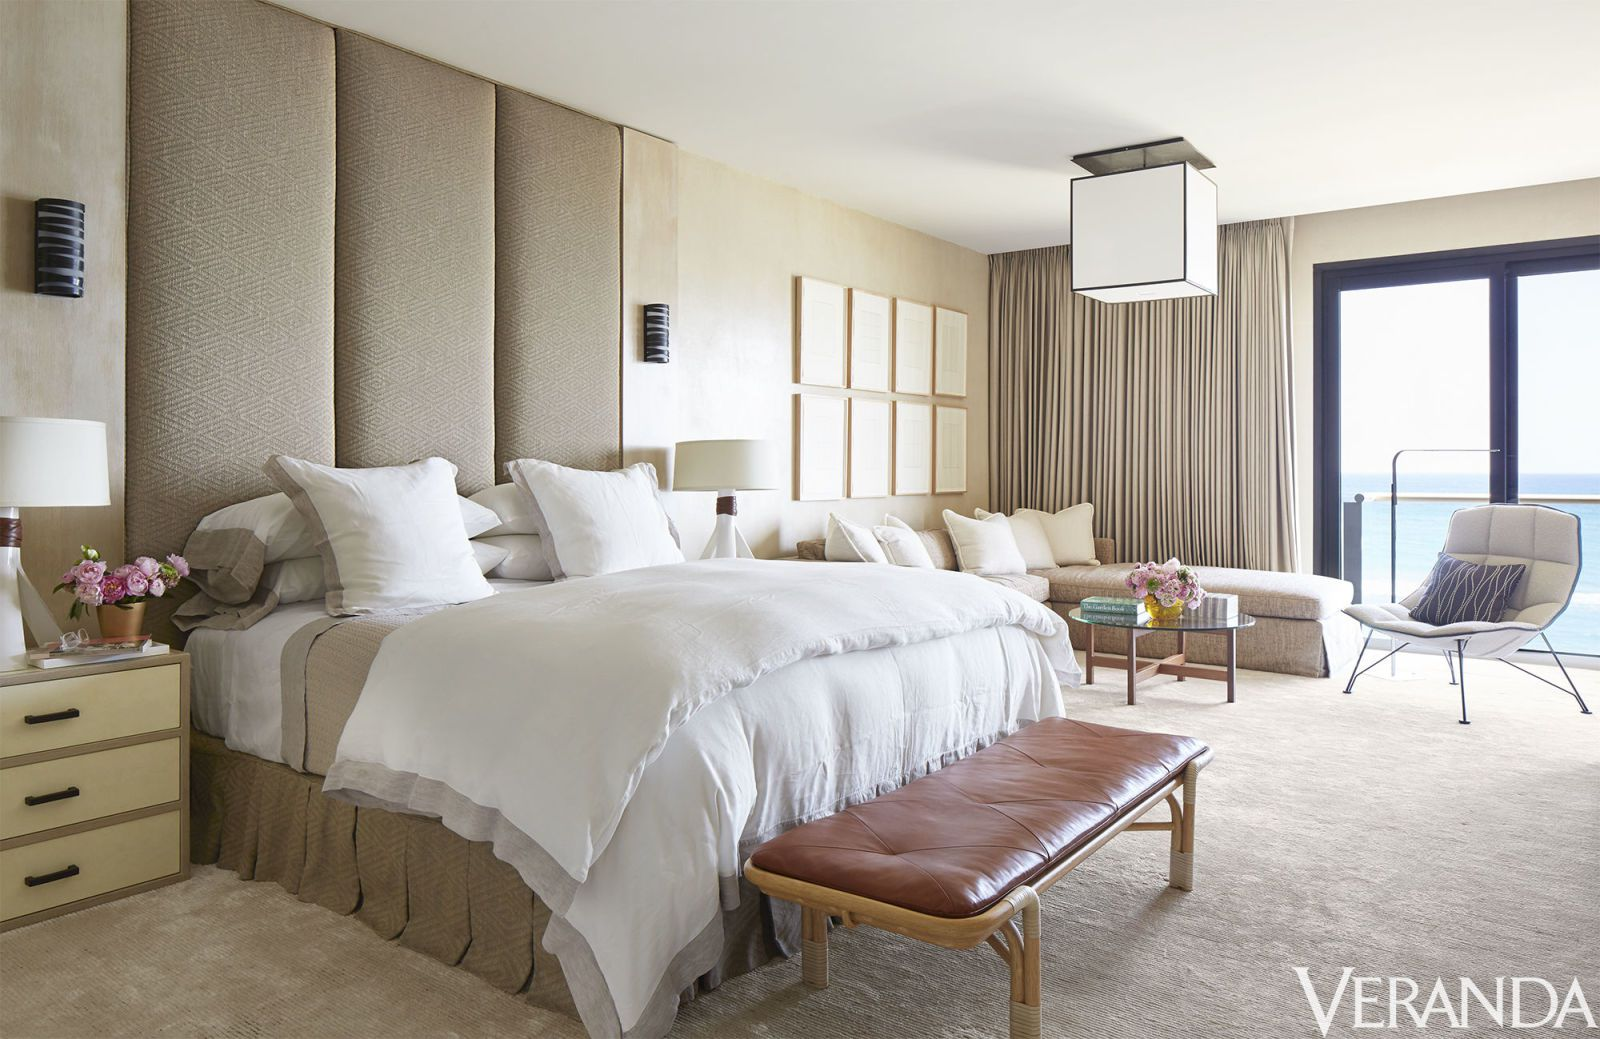 30 Best Bedroom Ideas - Beautiful Bedroom Decorating Tips